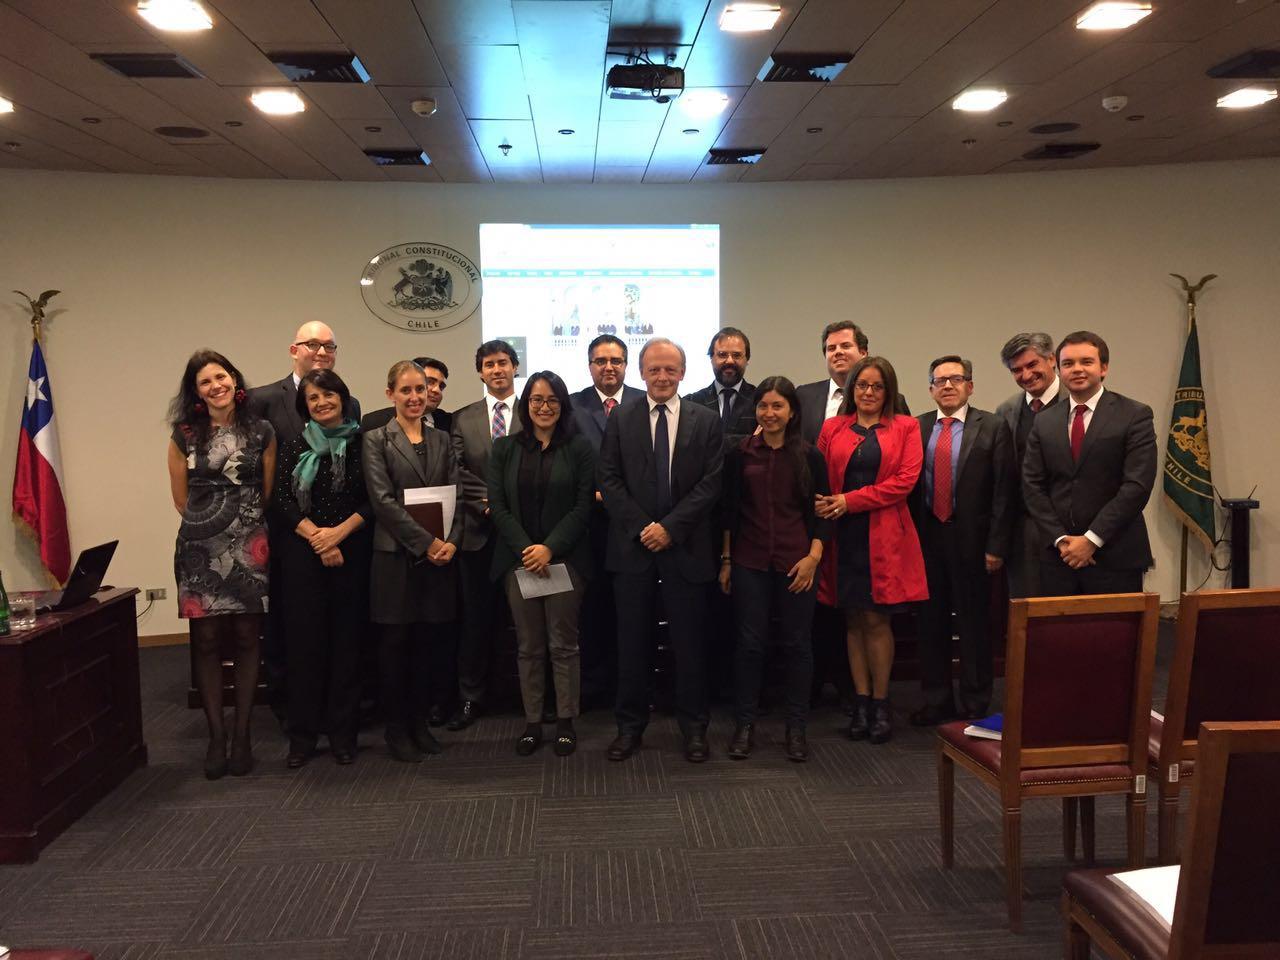 Tribunal recibe al catedrático de Filosofía del Derecho de la Universidad de León, Sr. Juan Antonio García Amado